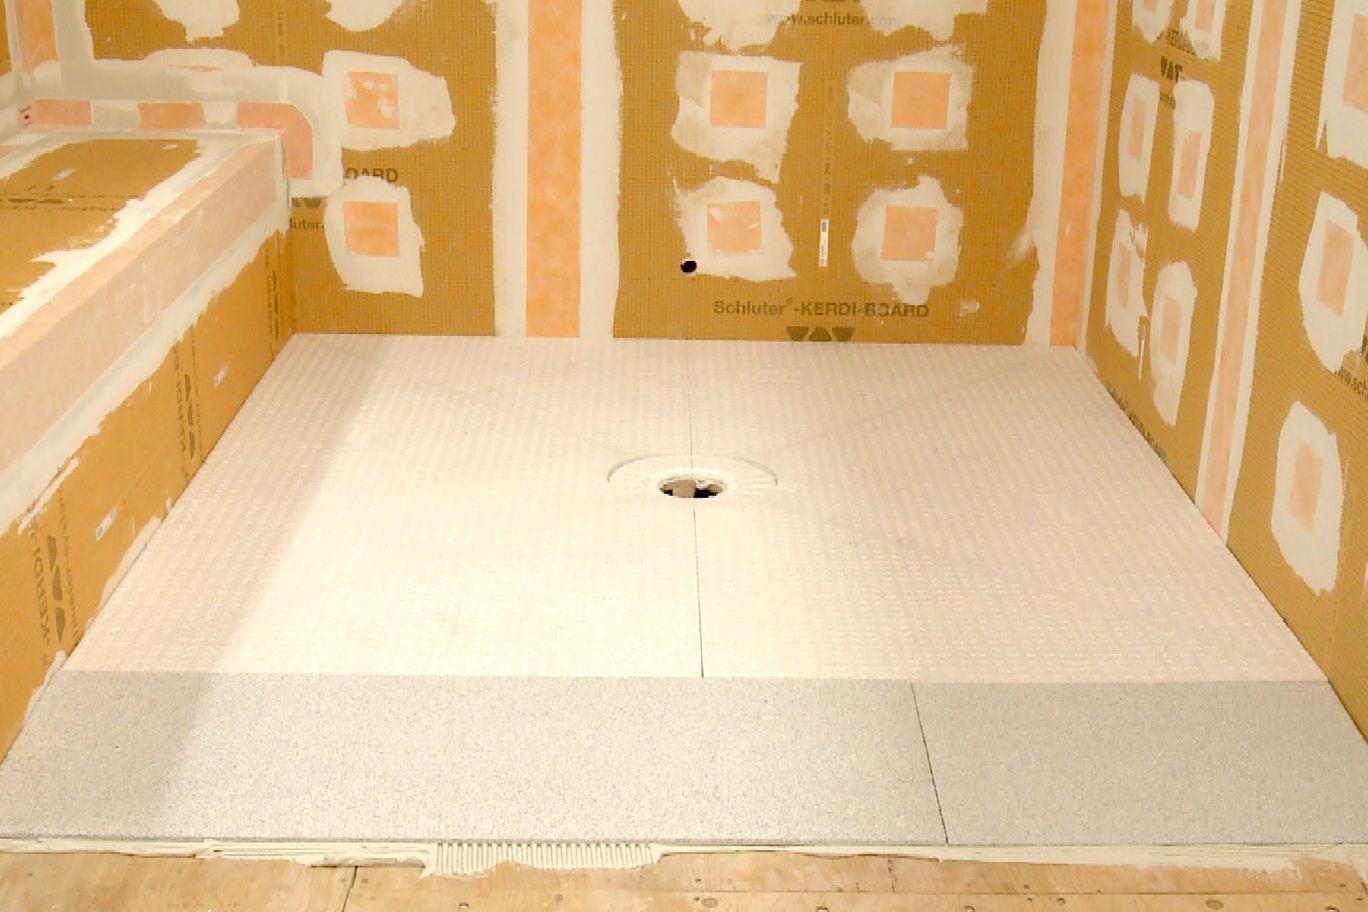 Schluter Kerdi Shower Sr Ramp Renovation For Curbless Shower Shower Systems Shower Renovations